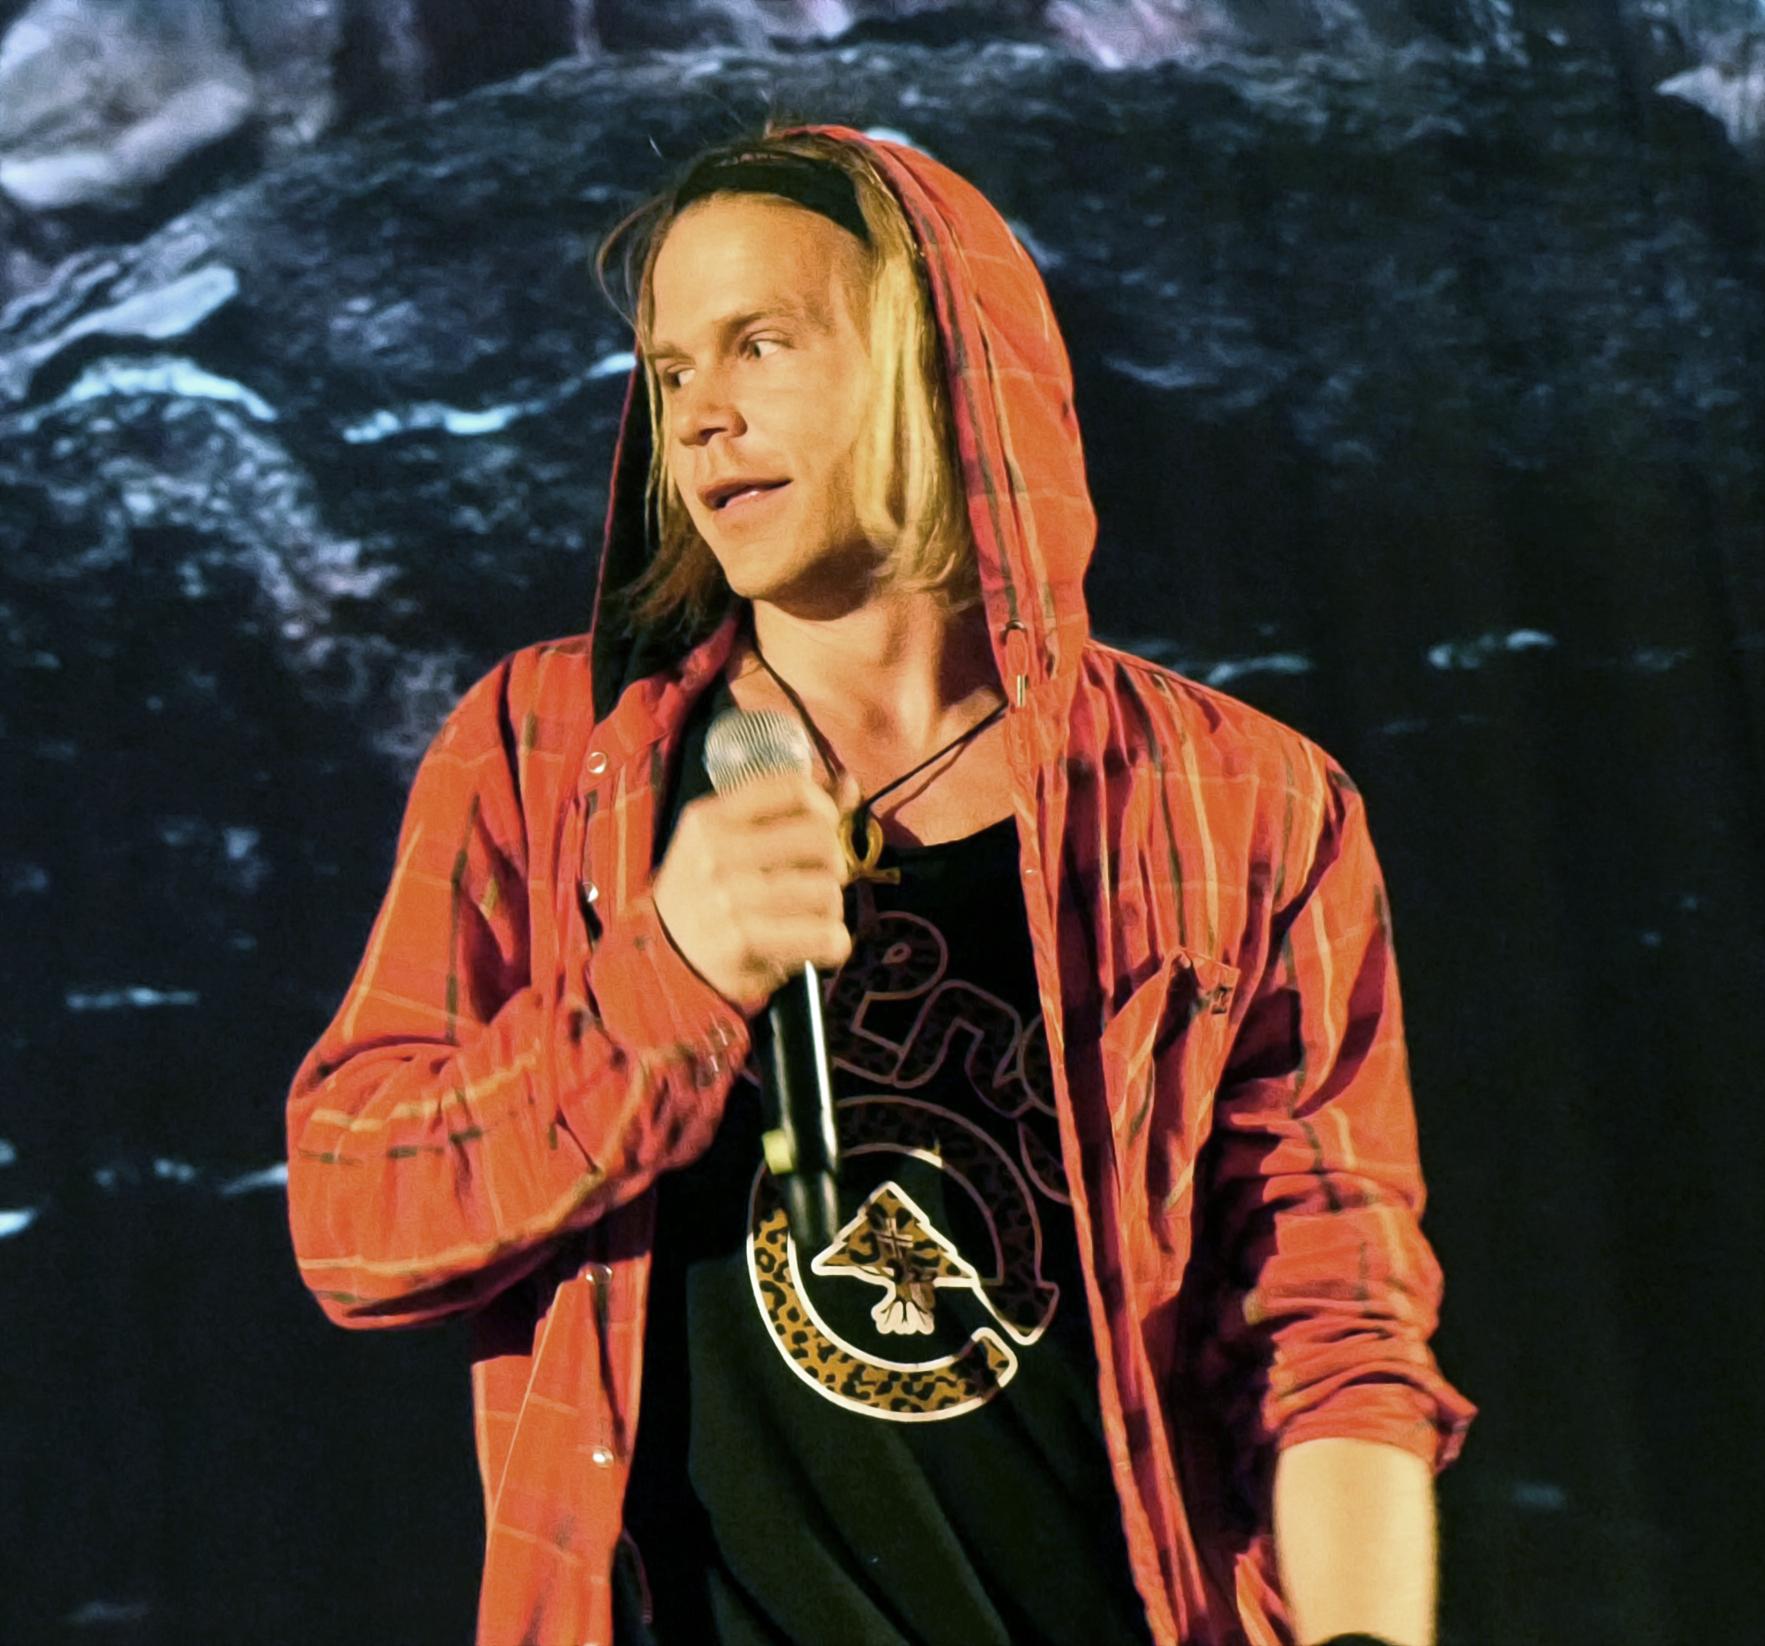 """ENKIDU - Enkidu fka Identisk Entitet har cruiset under radaren til de fleste siden han debuterte som rapper med sin første mixtape """" Norrøn Filosofi"""